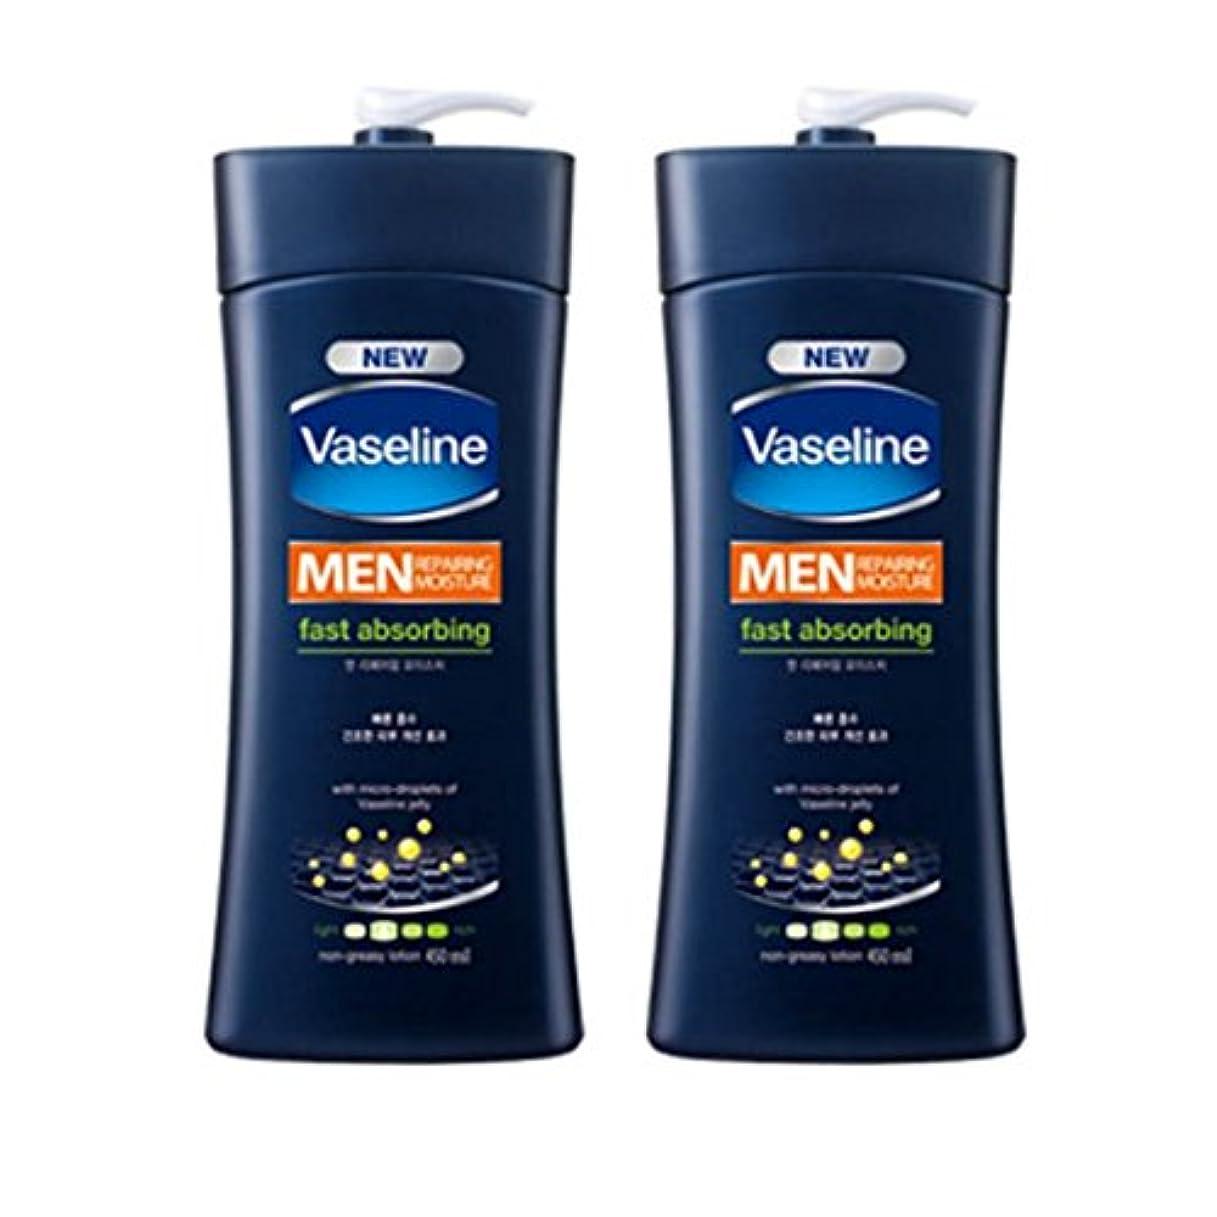 プランテーションタンクレディヴァセリン メンズ リペアリング モイスチャーローション(Vaseline Man Repairing Moisture Lotion) 450ml X 2個 [並行輸入品]